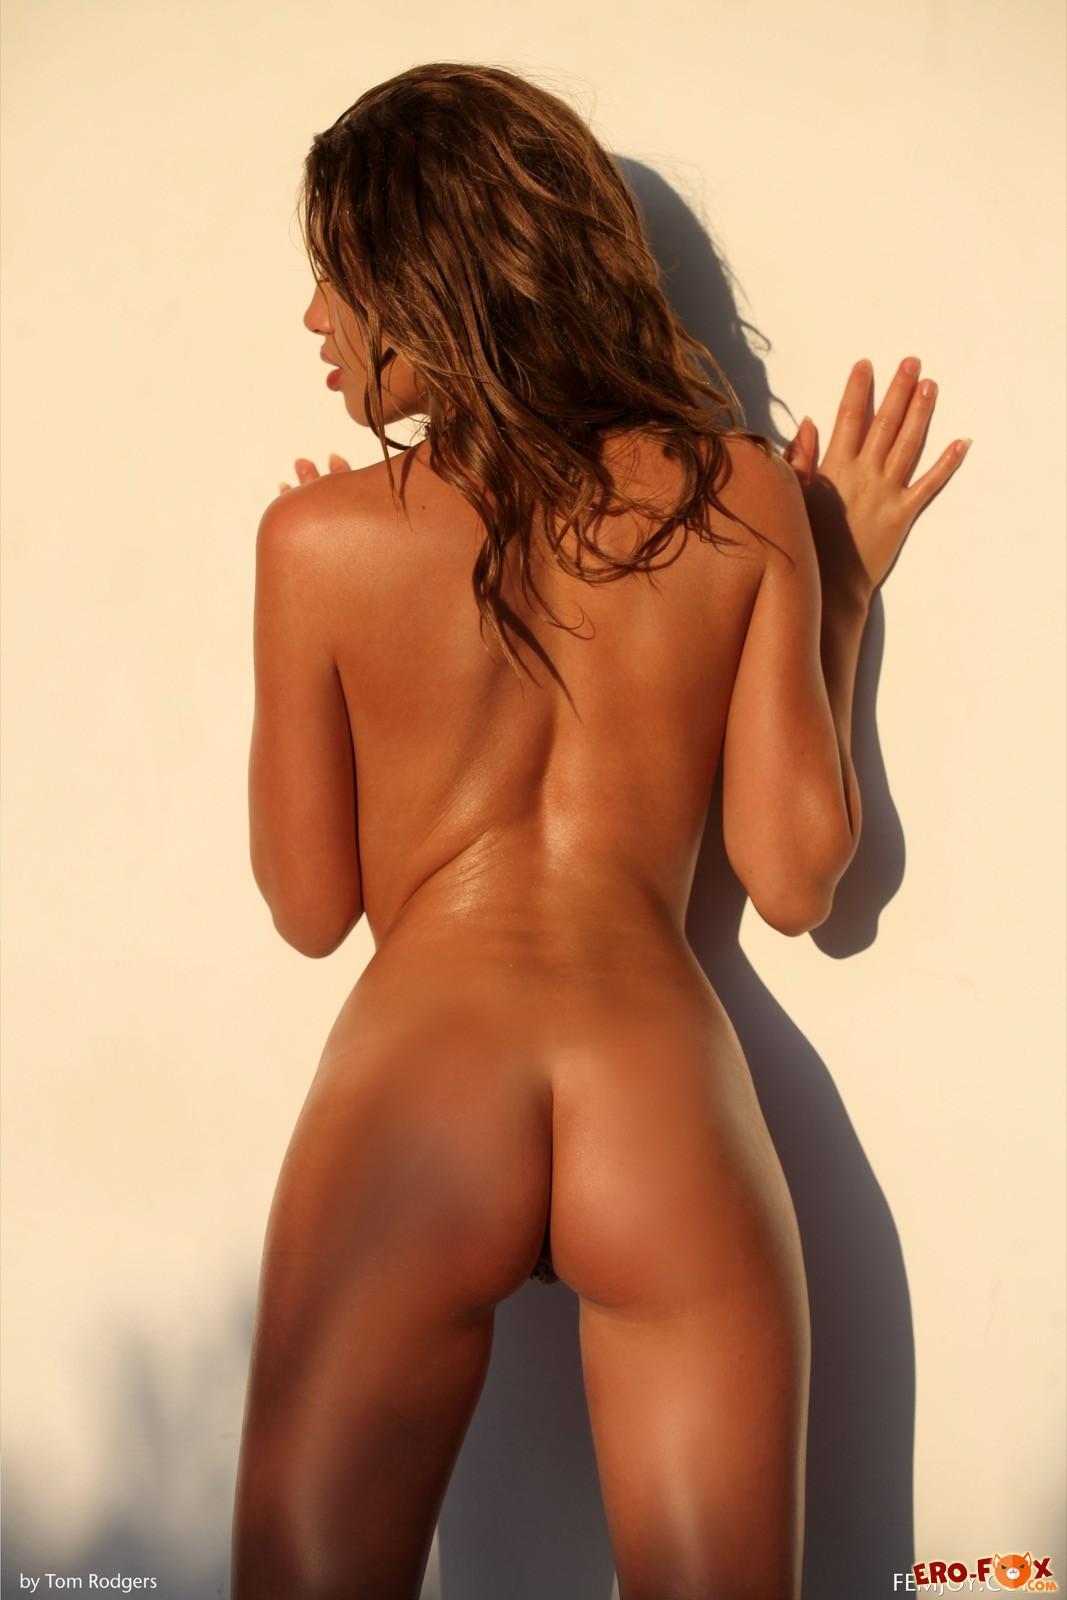 Нагая девица с пышными губами и упругой грудью - фото